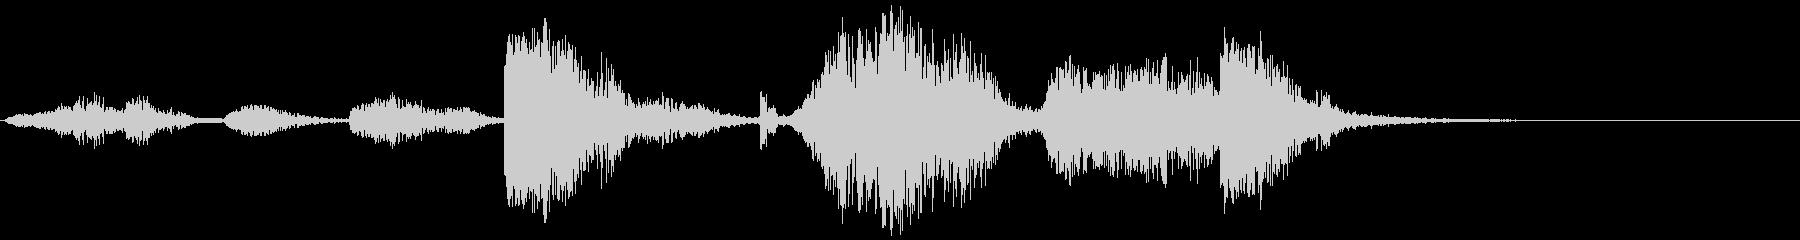 自然の音シリーズ 雷の未再生の波形